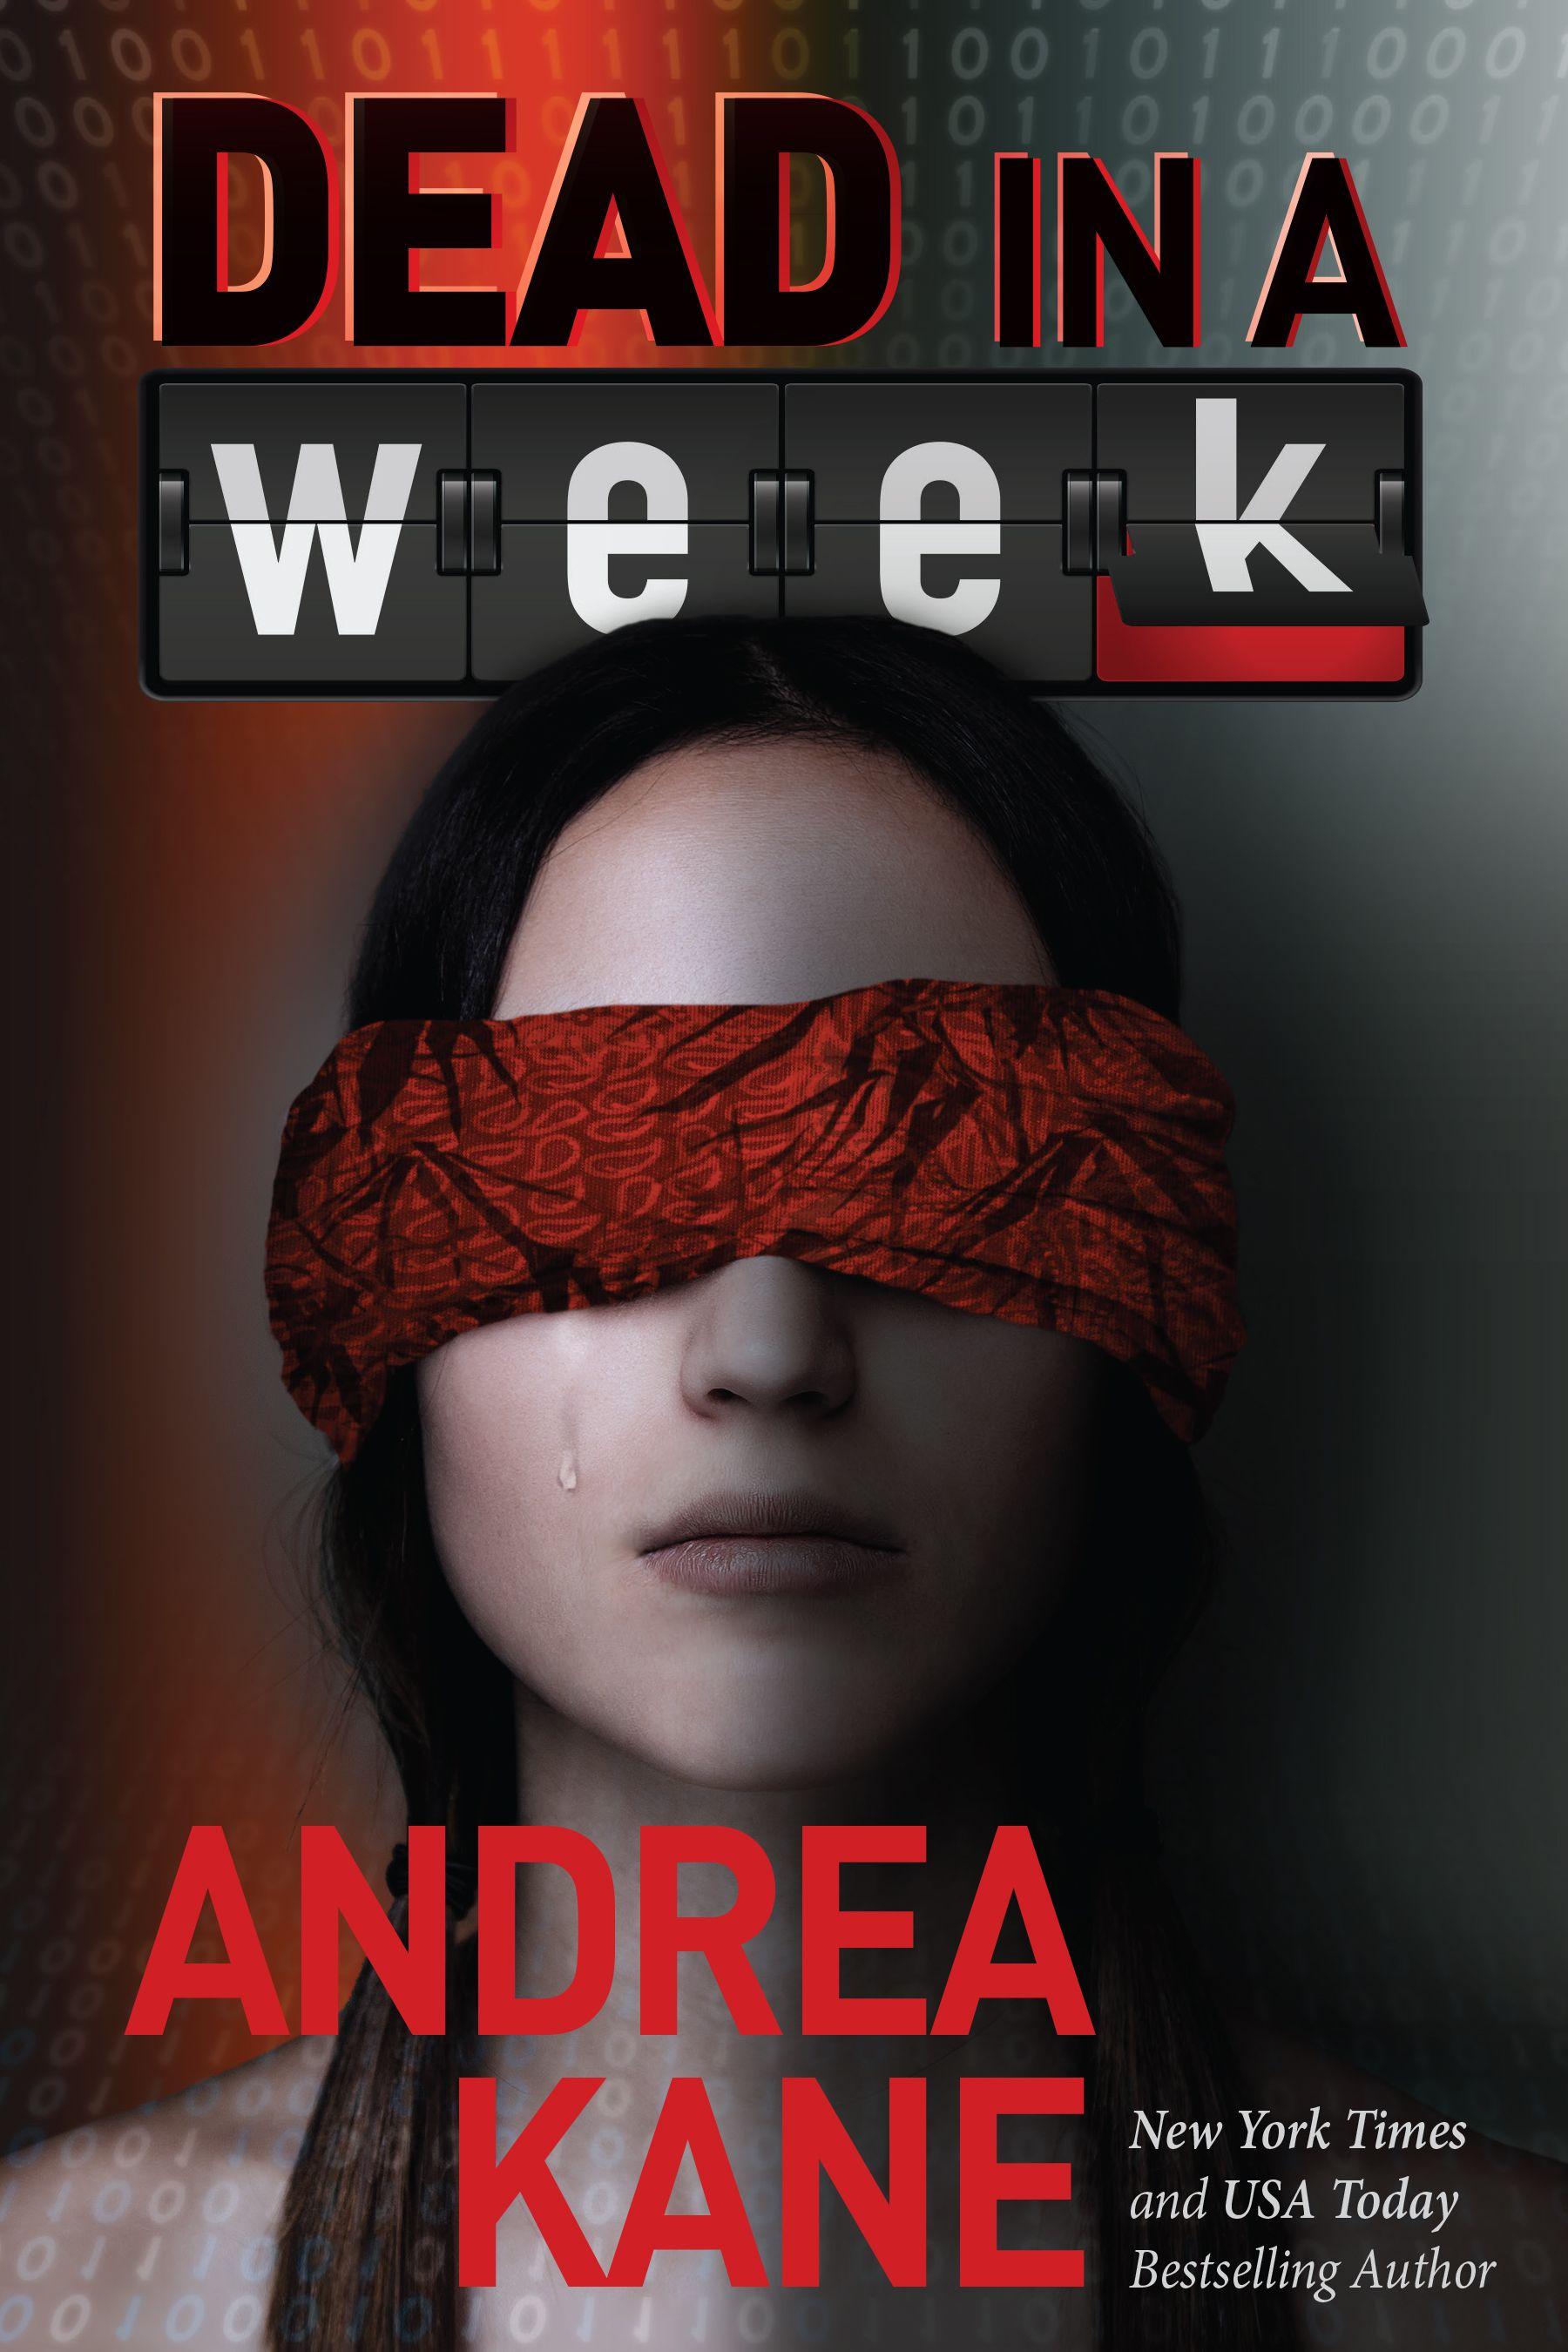 Dead In A Week by Andrea Kane